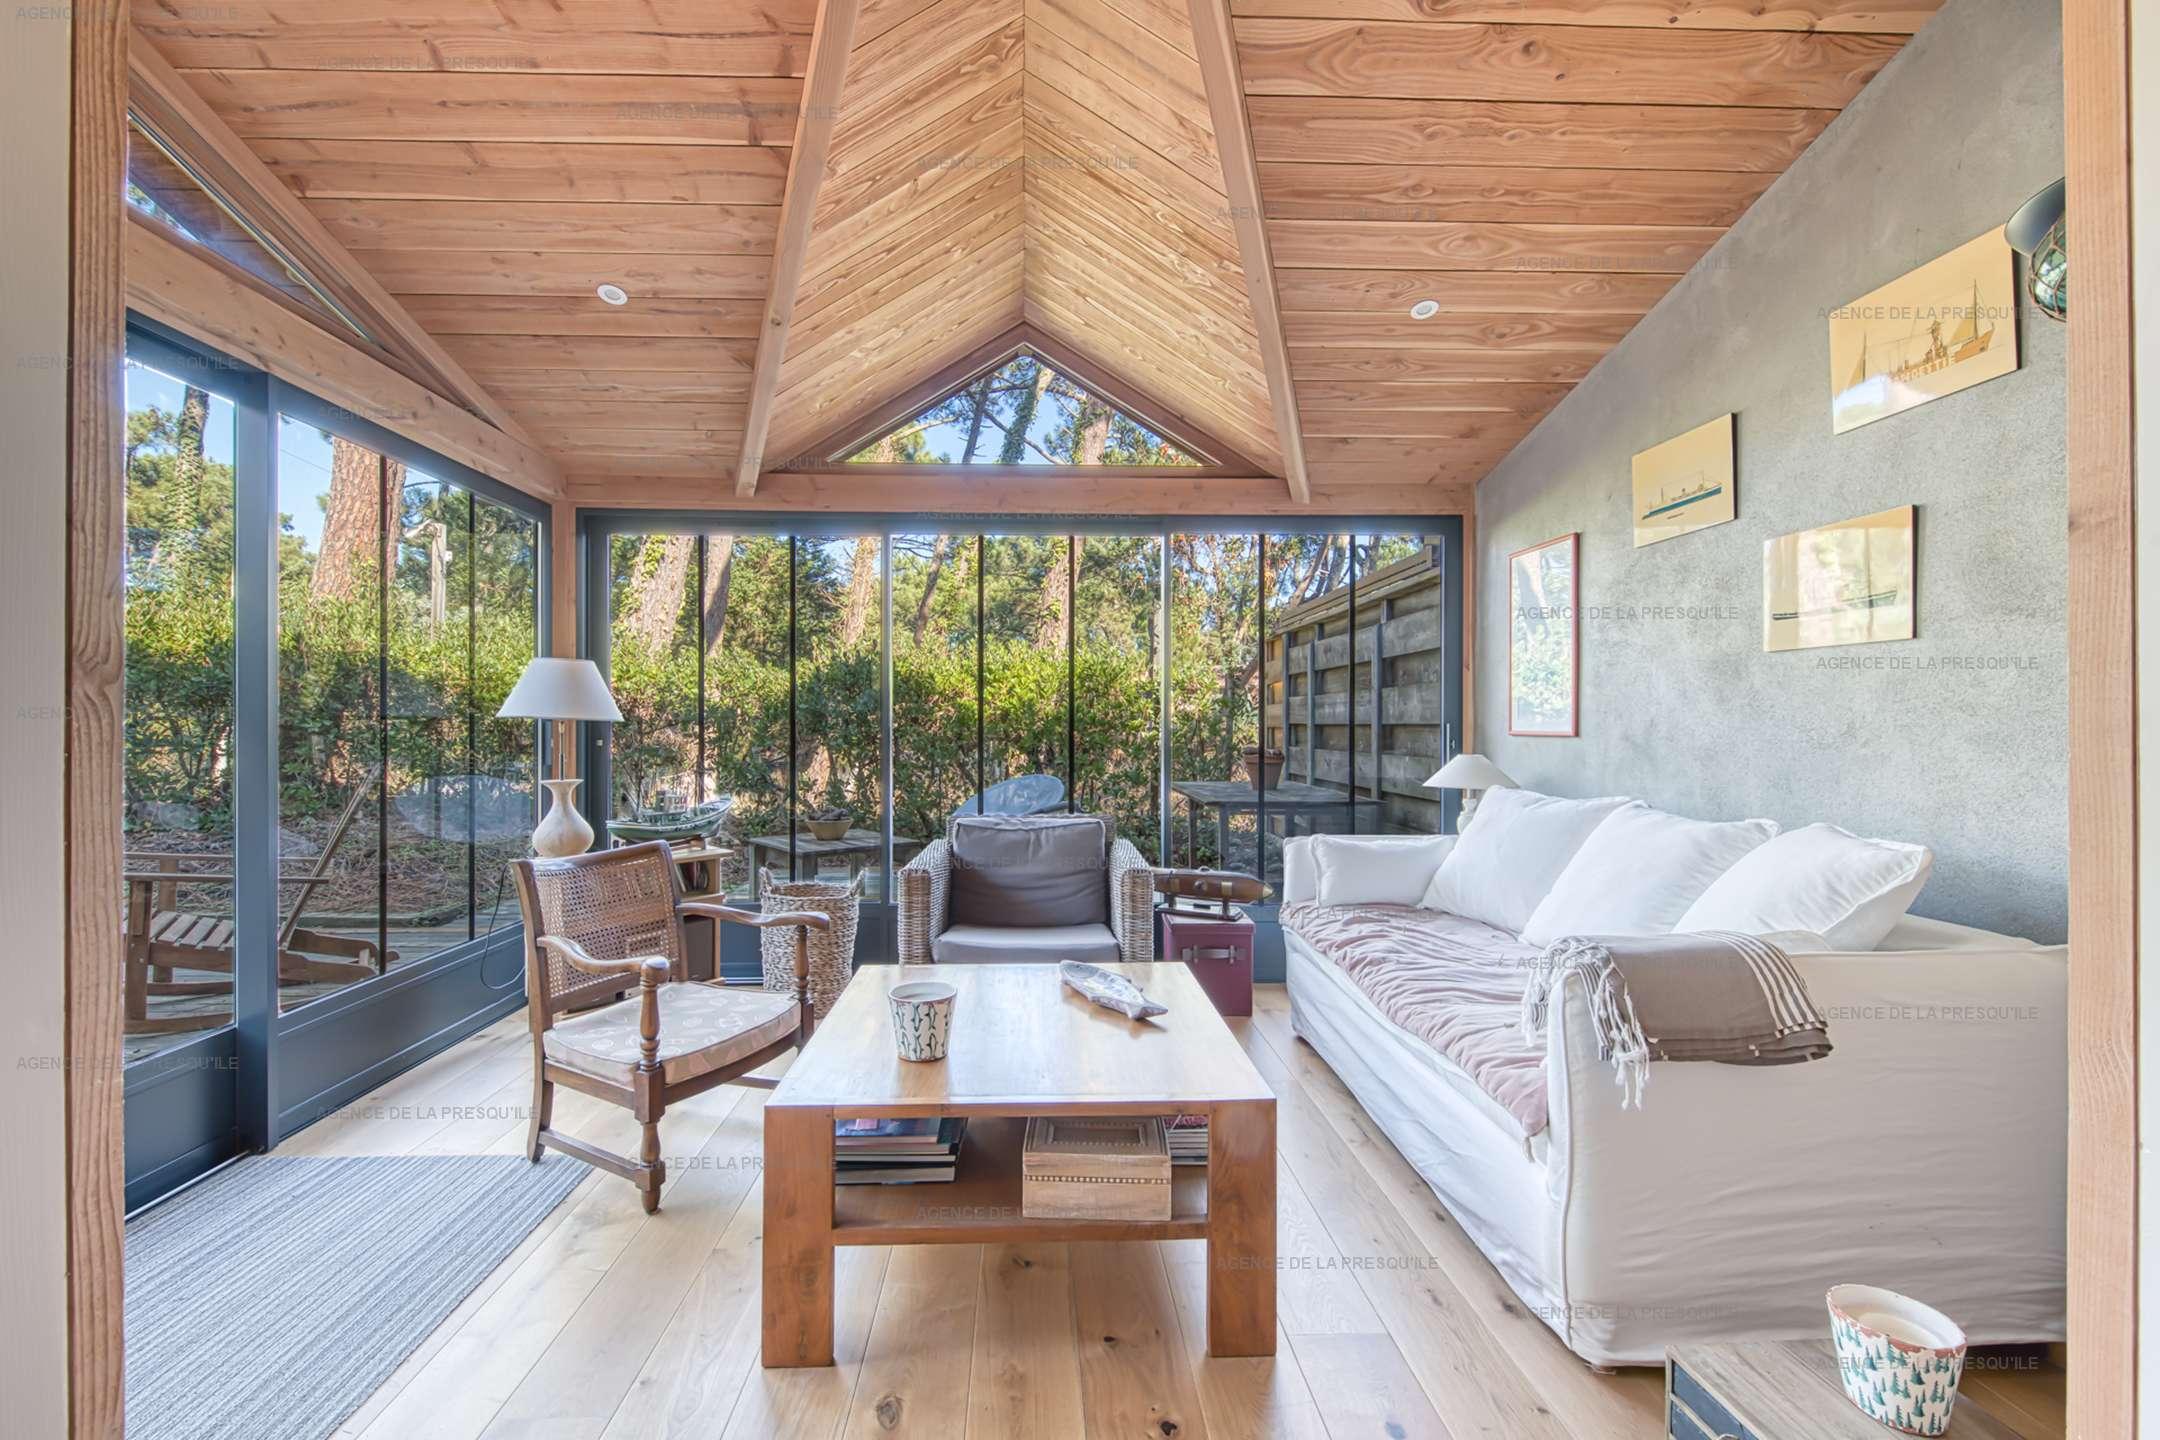 Location: Jolie villa en bois située au mimbeau 4